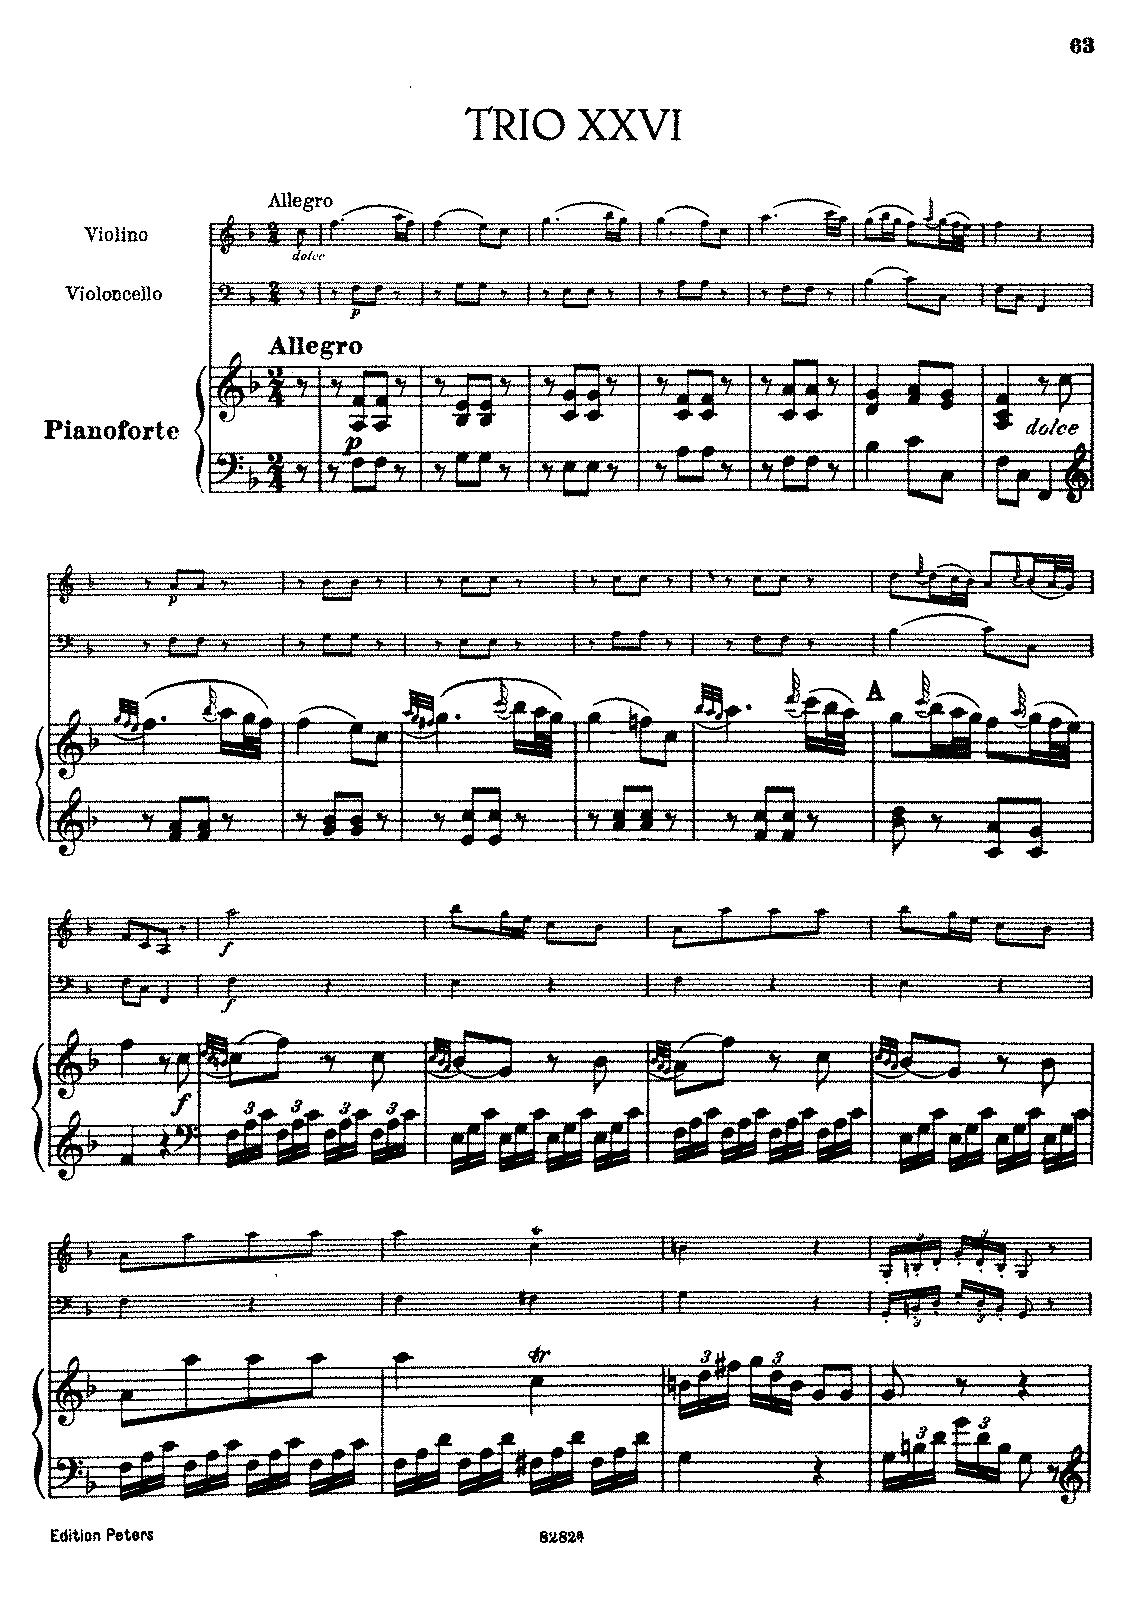 Suzuki Piano Book 3 Pdf Files Sevenhomes